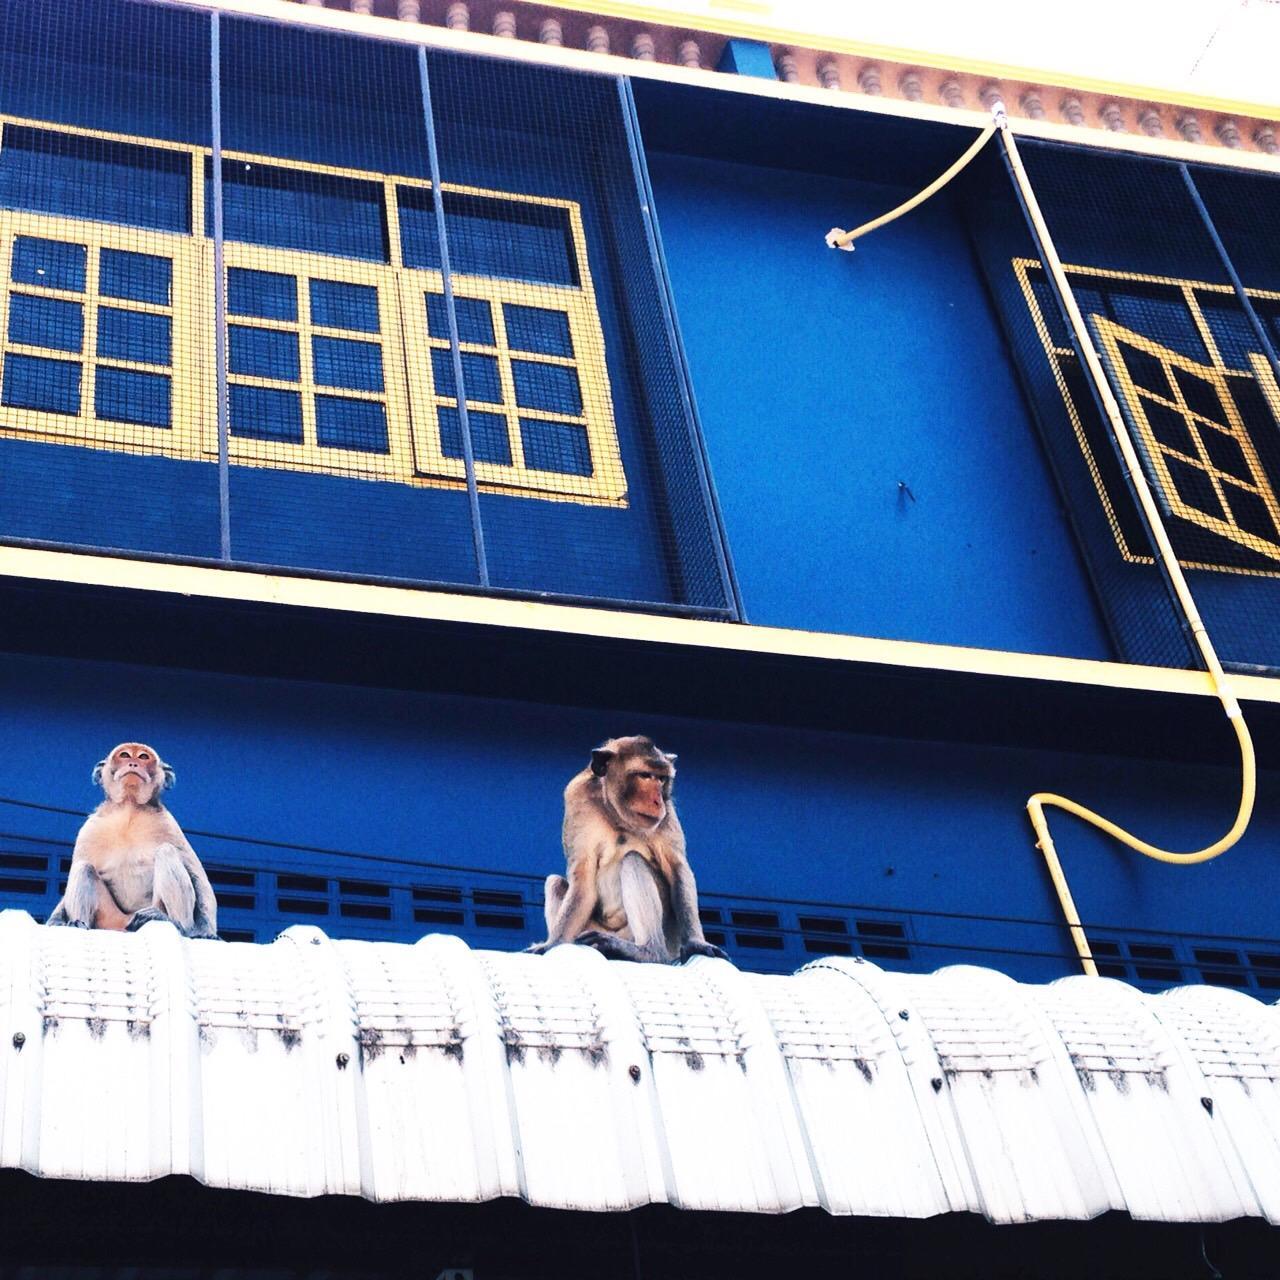 芬格林青年旅馆,เฟิร์นกัลลี โฮสเทล